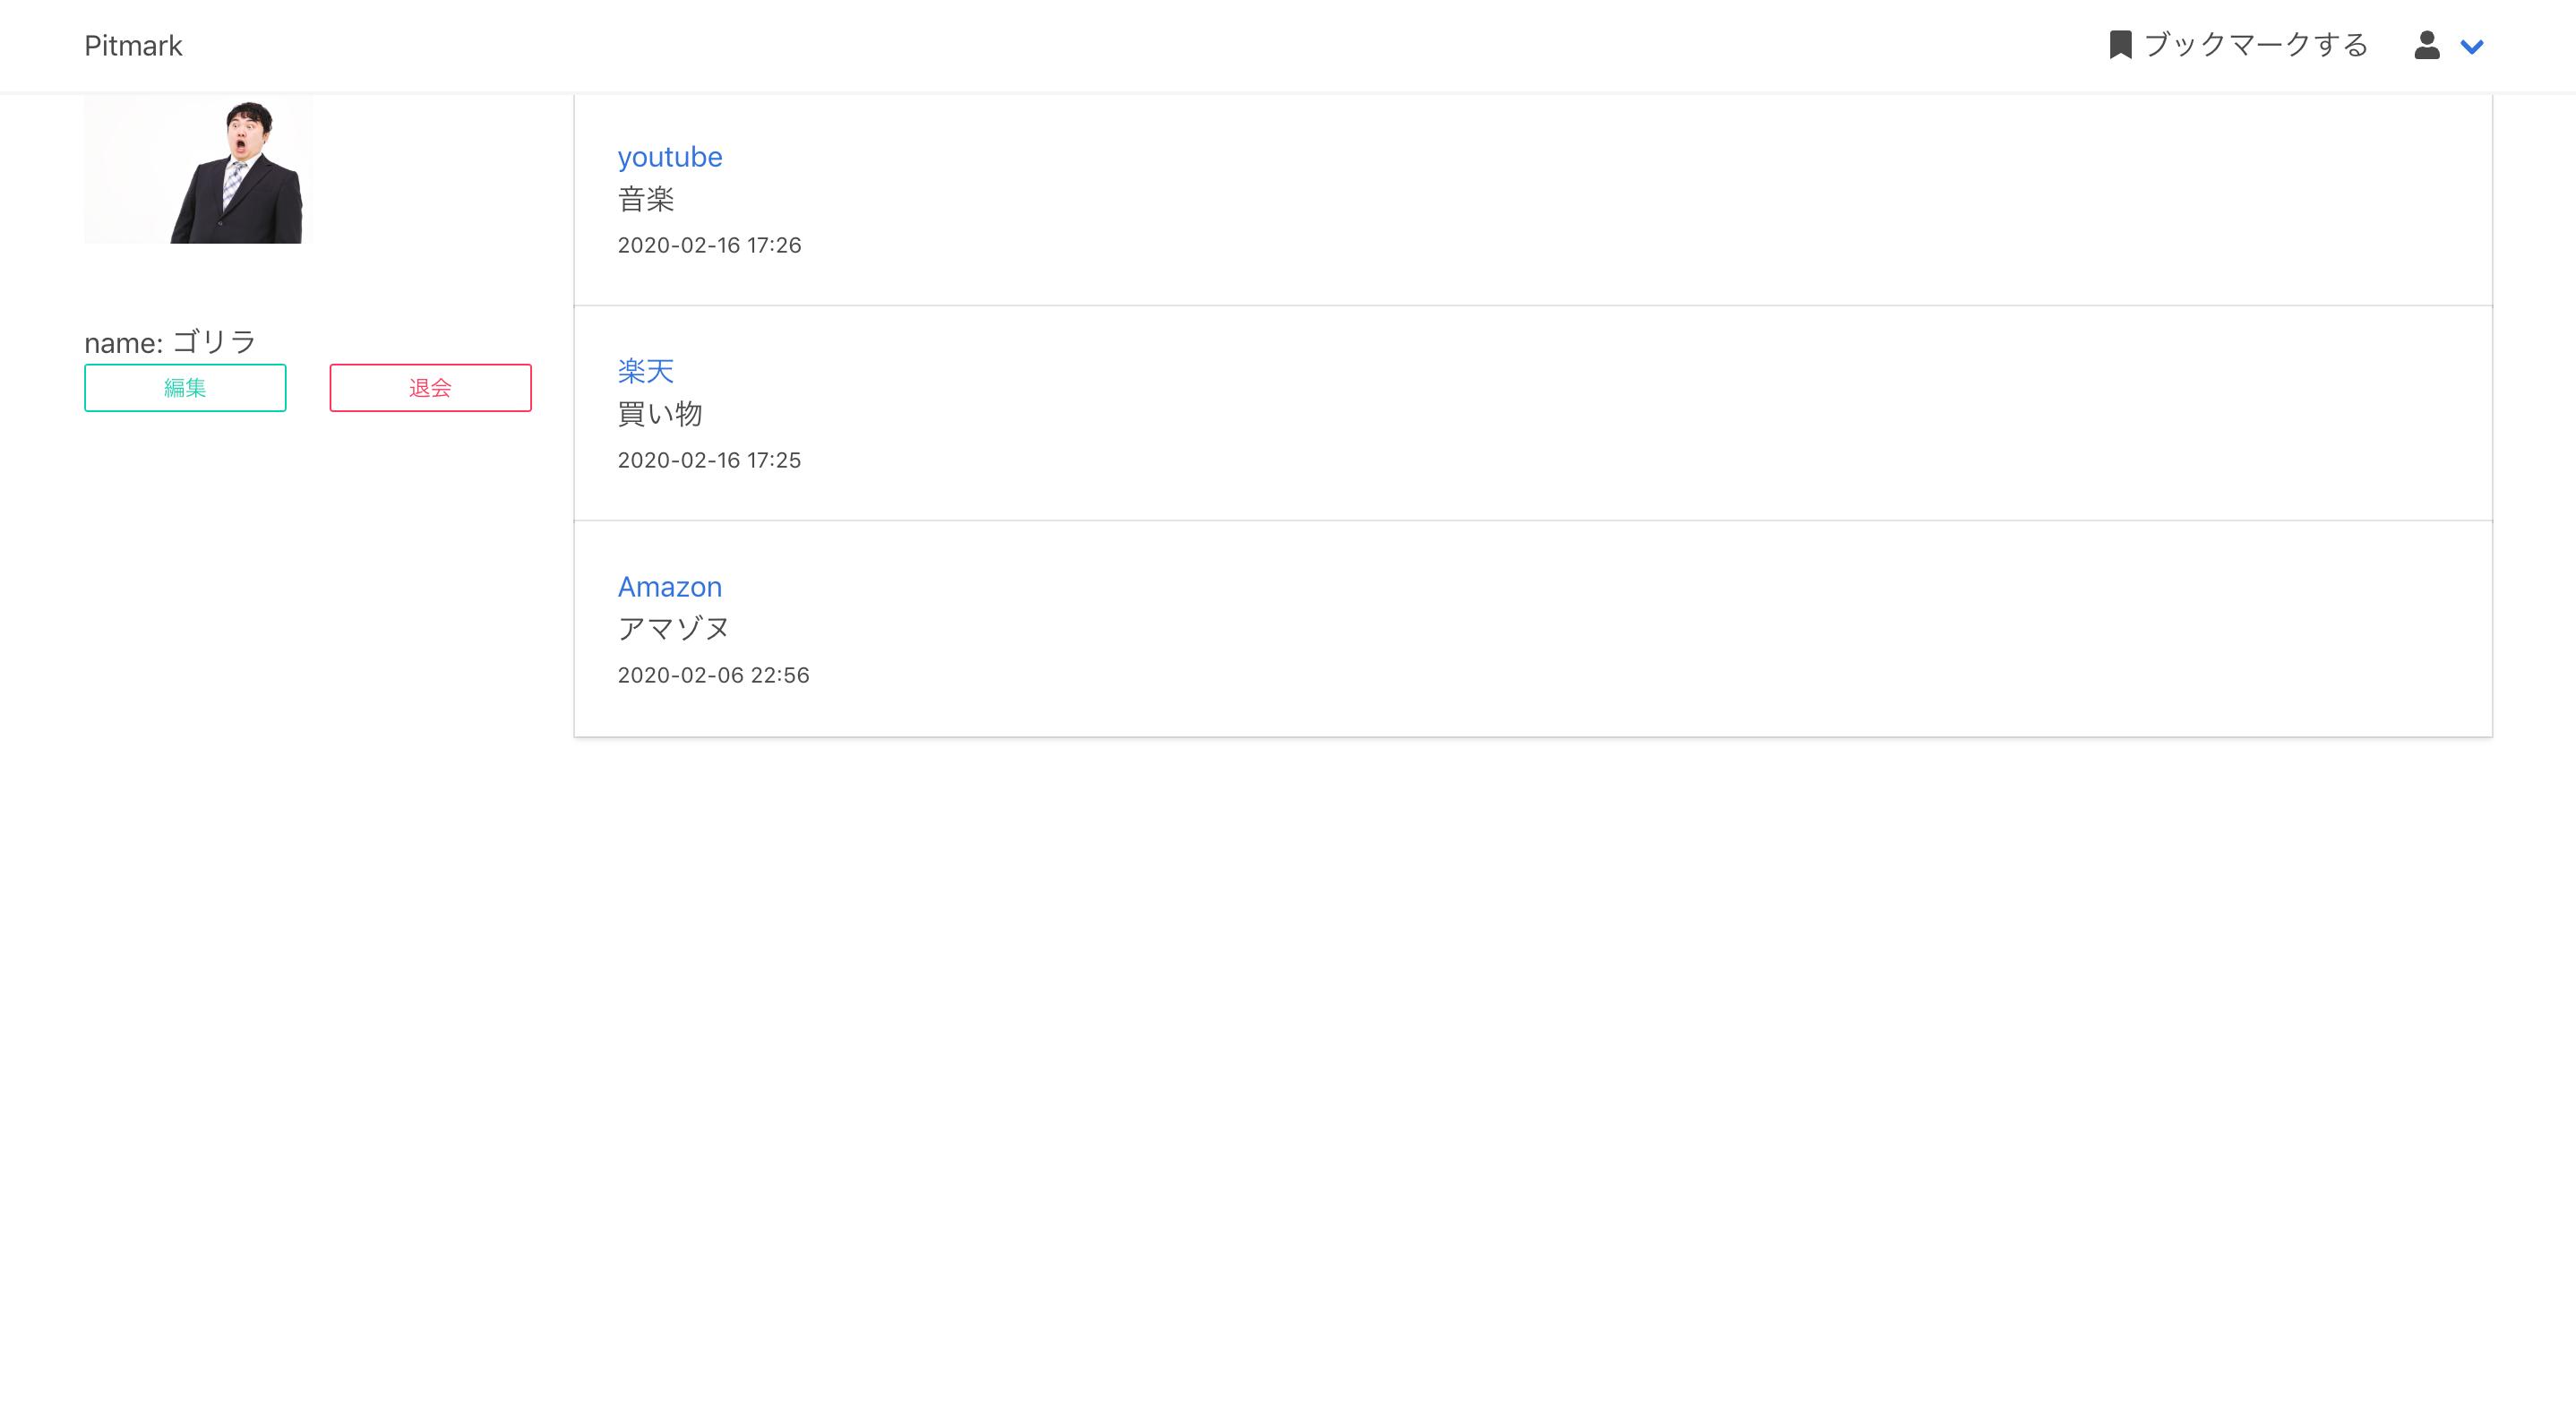 スクリーンショット 2020-02-16 17.59.03.png